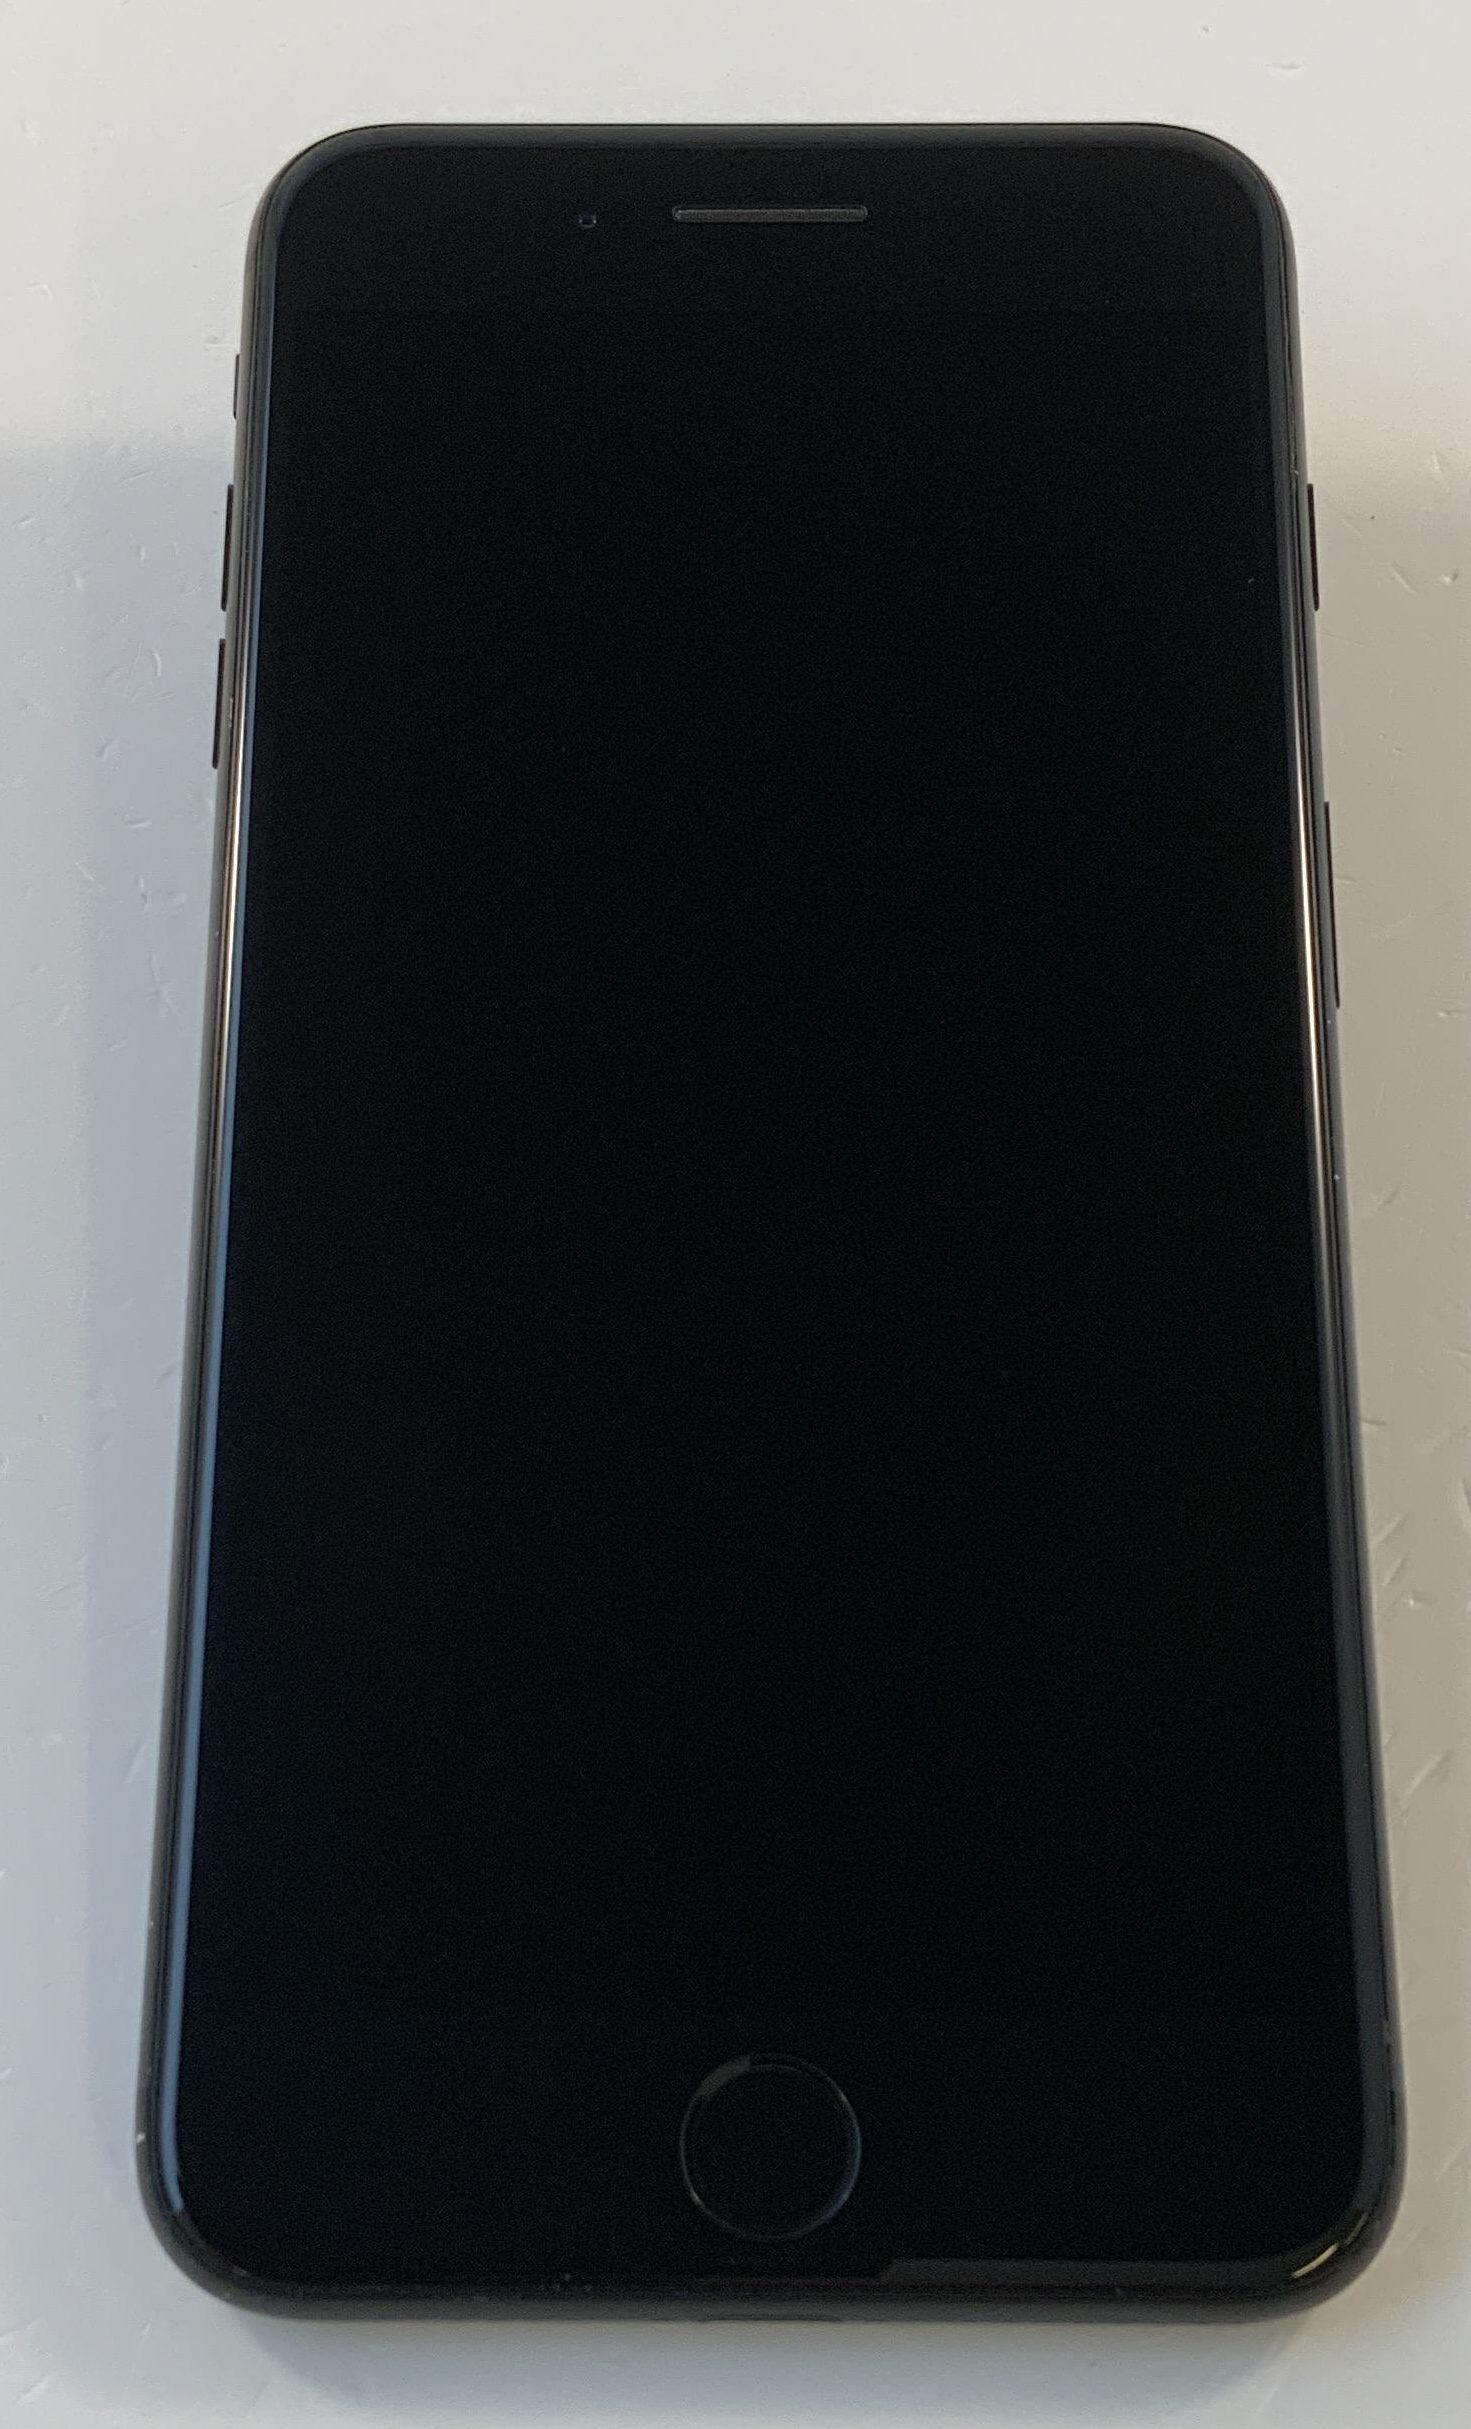 iPhone 7 Plus 256GB, 256GB, Black, imagen 1